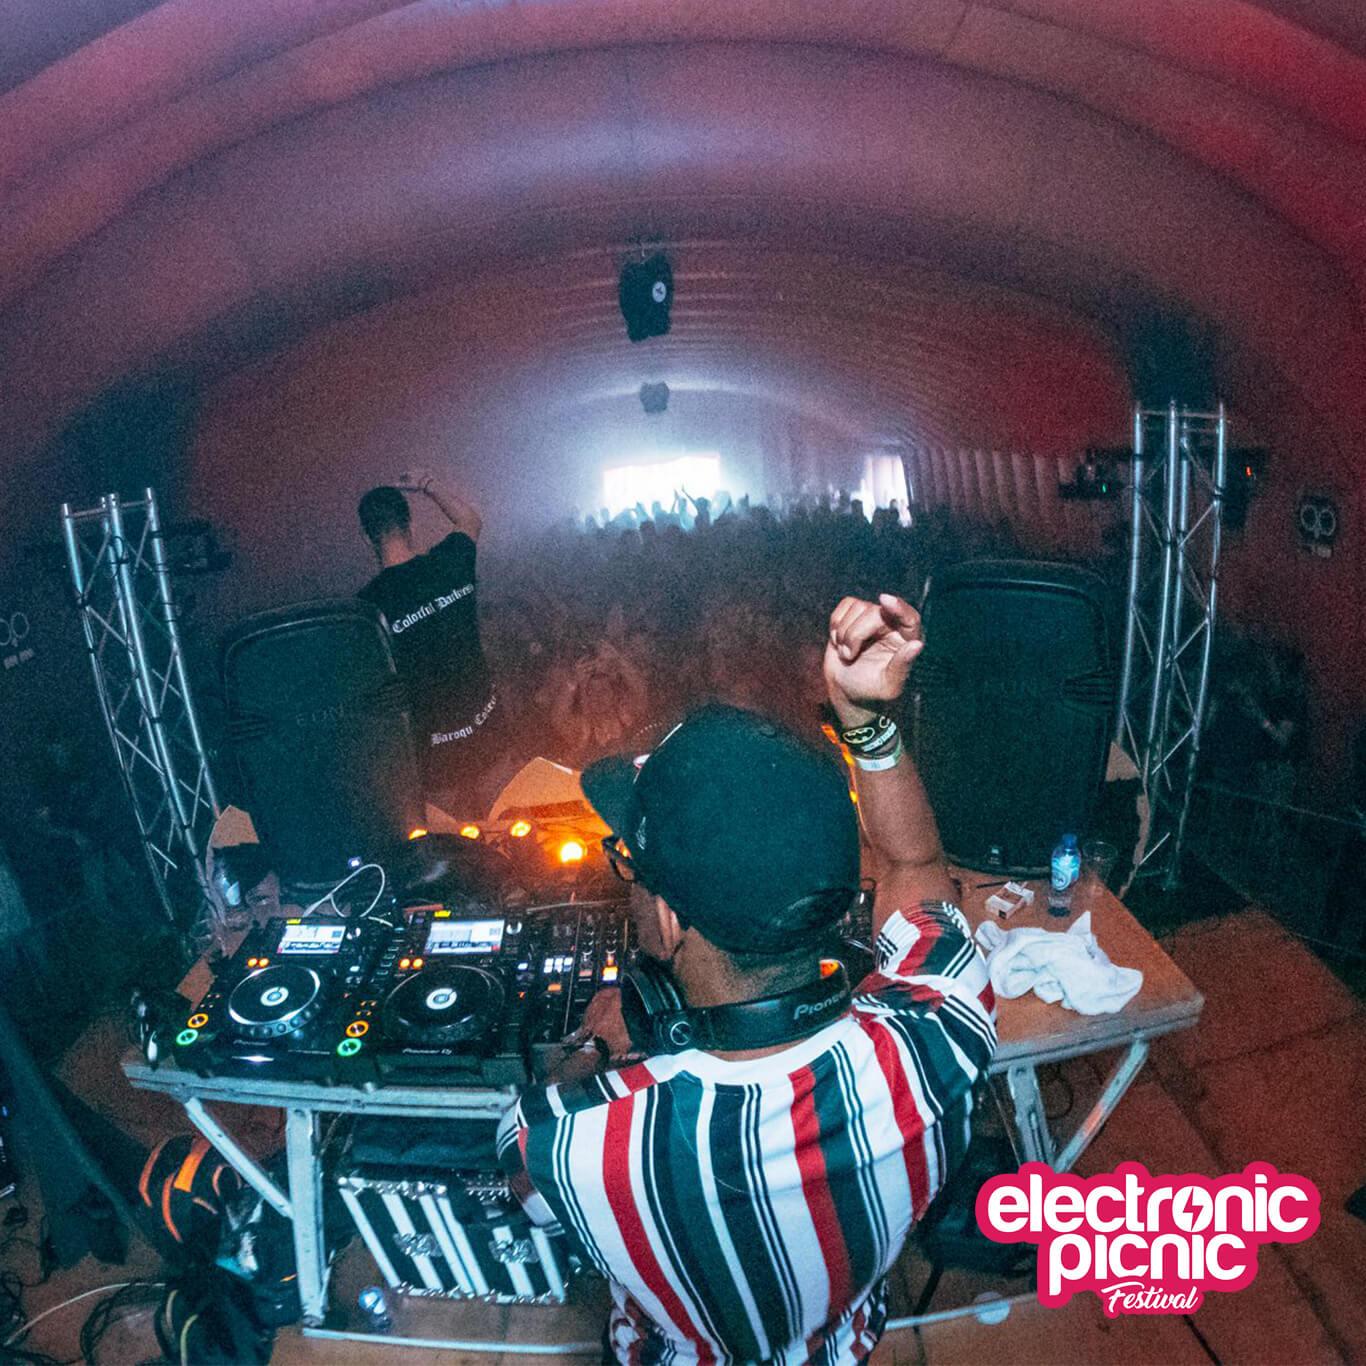 tehcno feest(DJ)